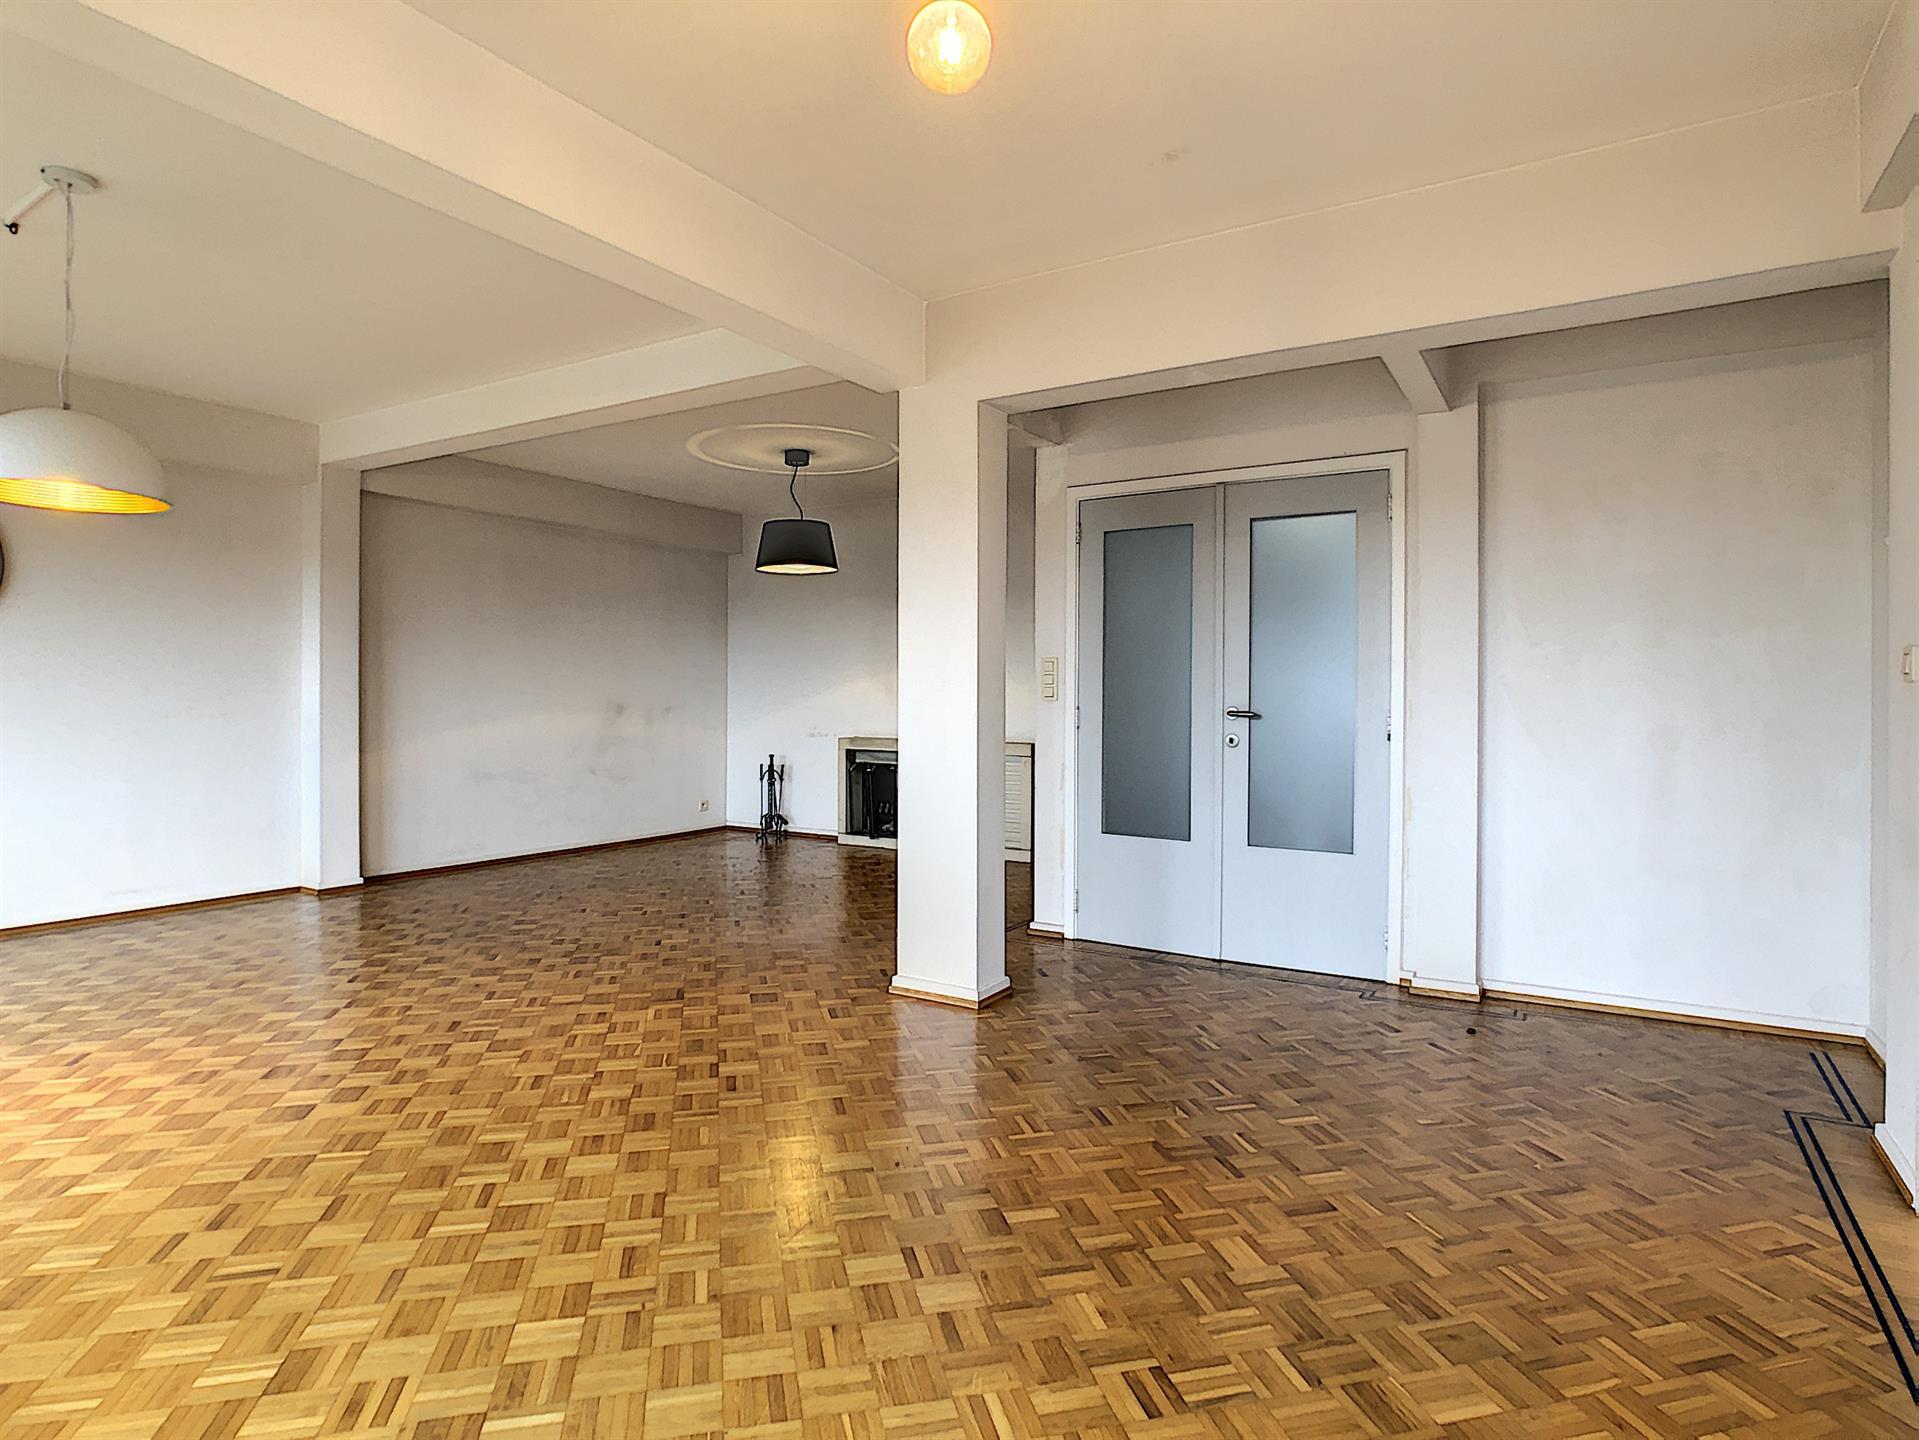 Appartement - Koekelberg - #4236930-5